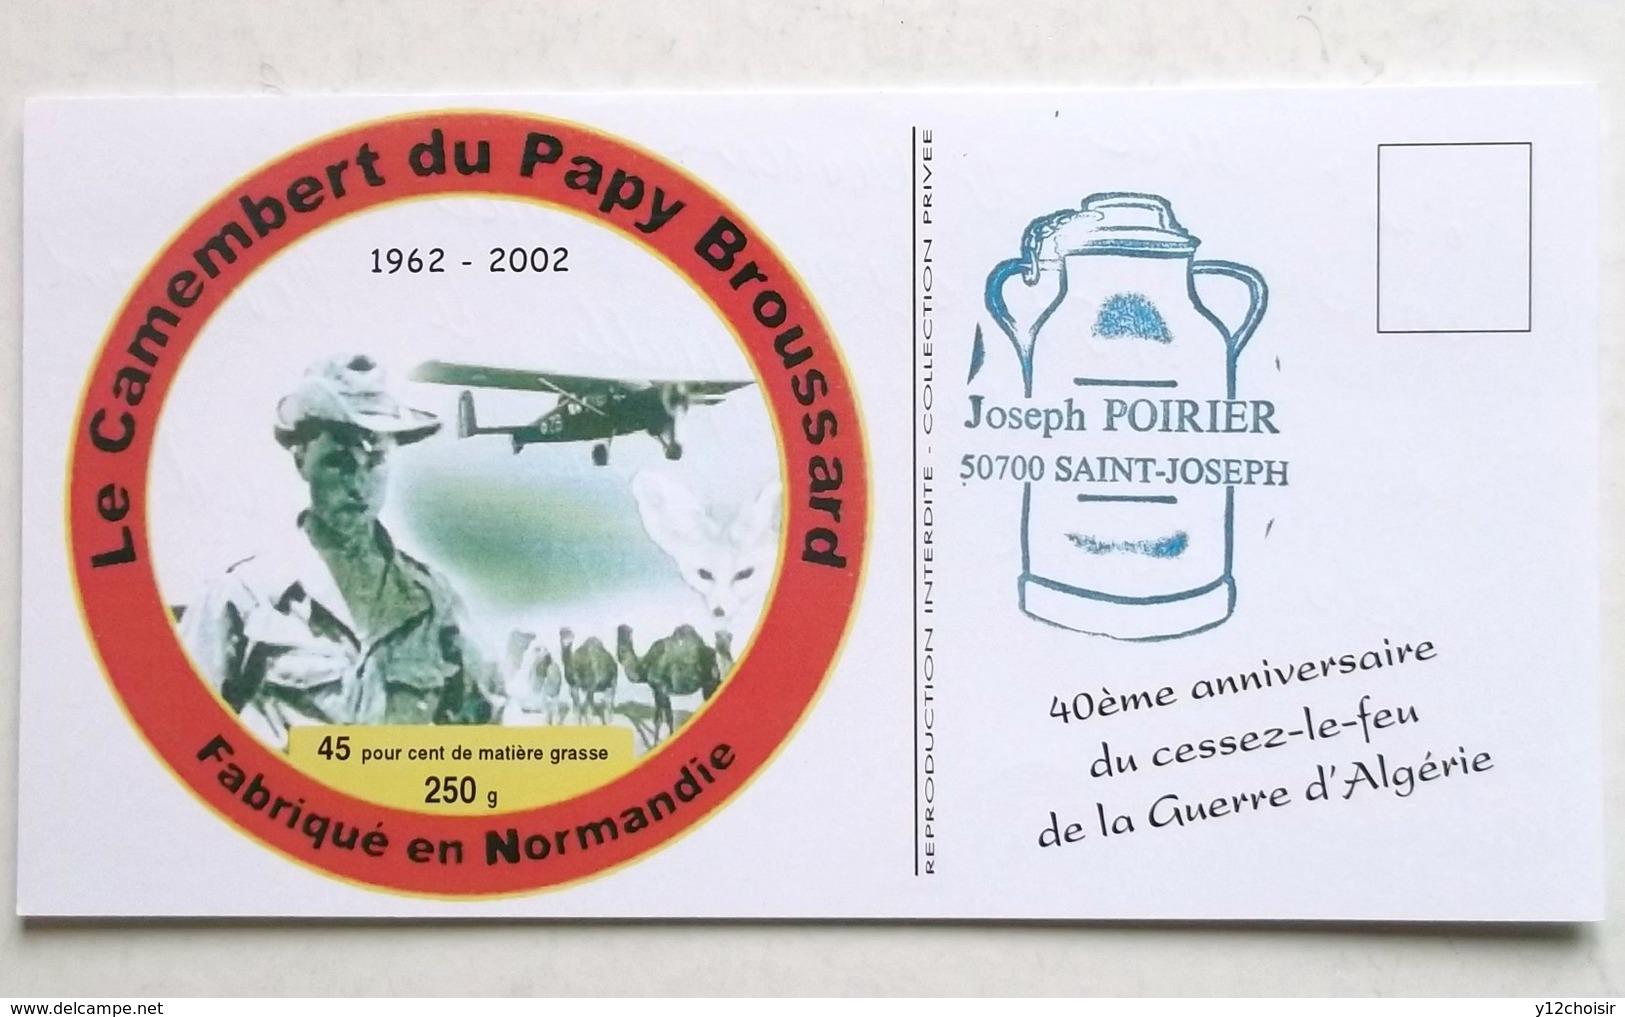 CPM 40 ANNIVERSAIRE DU CESSEZ LE FEU GUERRE ALGERIE CAMEMBERT DU PAPY BROUSSARD NORMANDIE - Andere Kriege